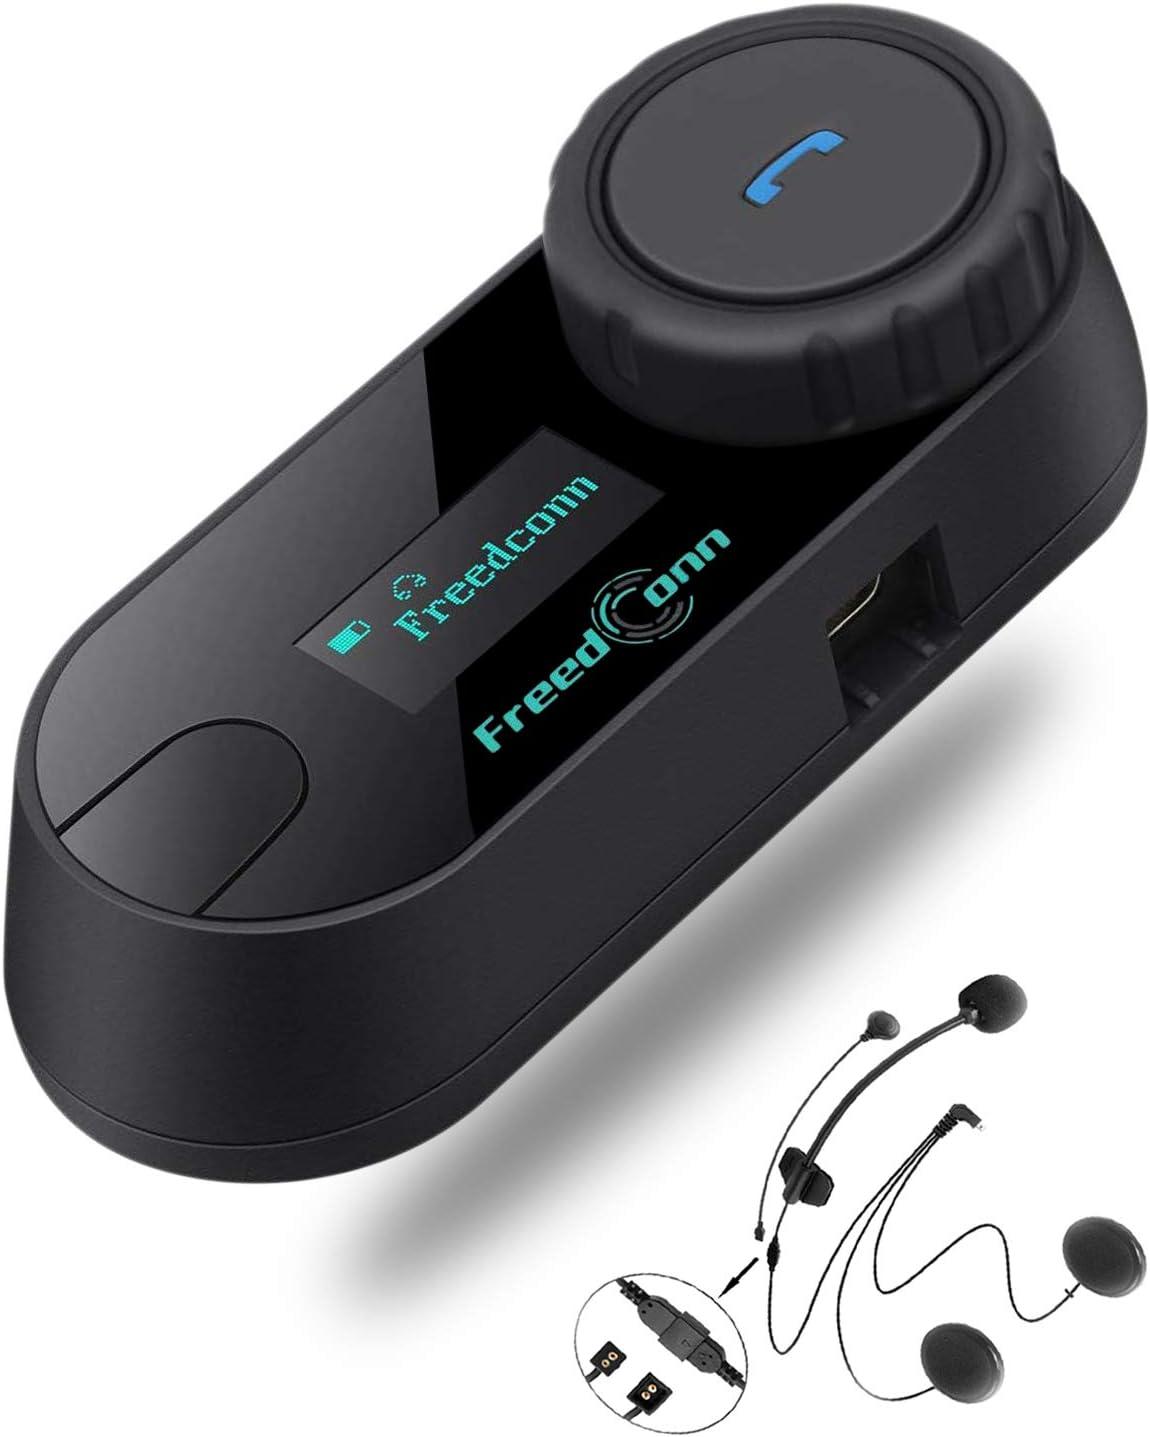 Intercomunicador De Auriculares Bluetooth Para Motocicleta Tcom Sc Con Pantalla Lcd 800m Impermeable Bluetooth Sistema De Comunicación 3 Jinetes Emparejamiento 2 Jinetes Intercomunicador Compatible Con Cascos Integrales Cascos Amazon Com